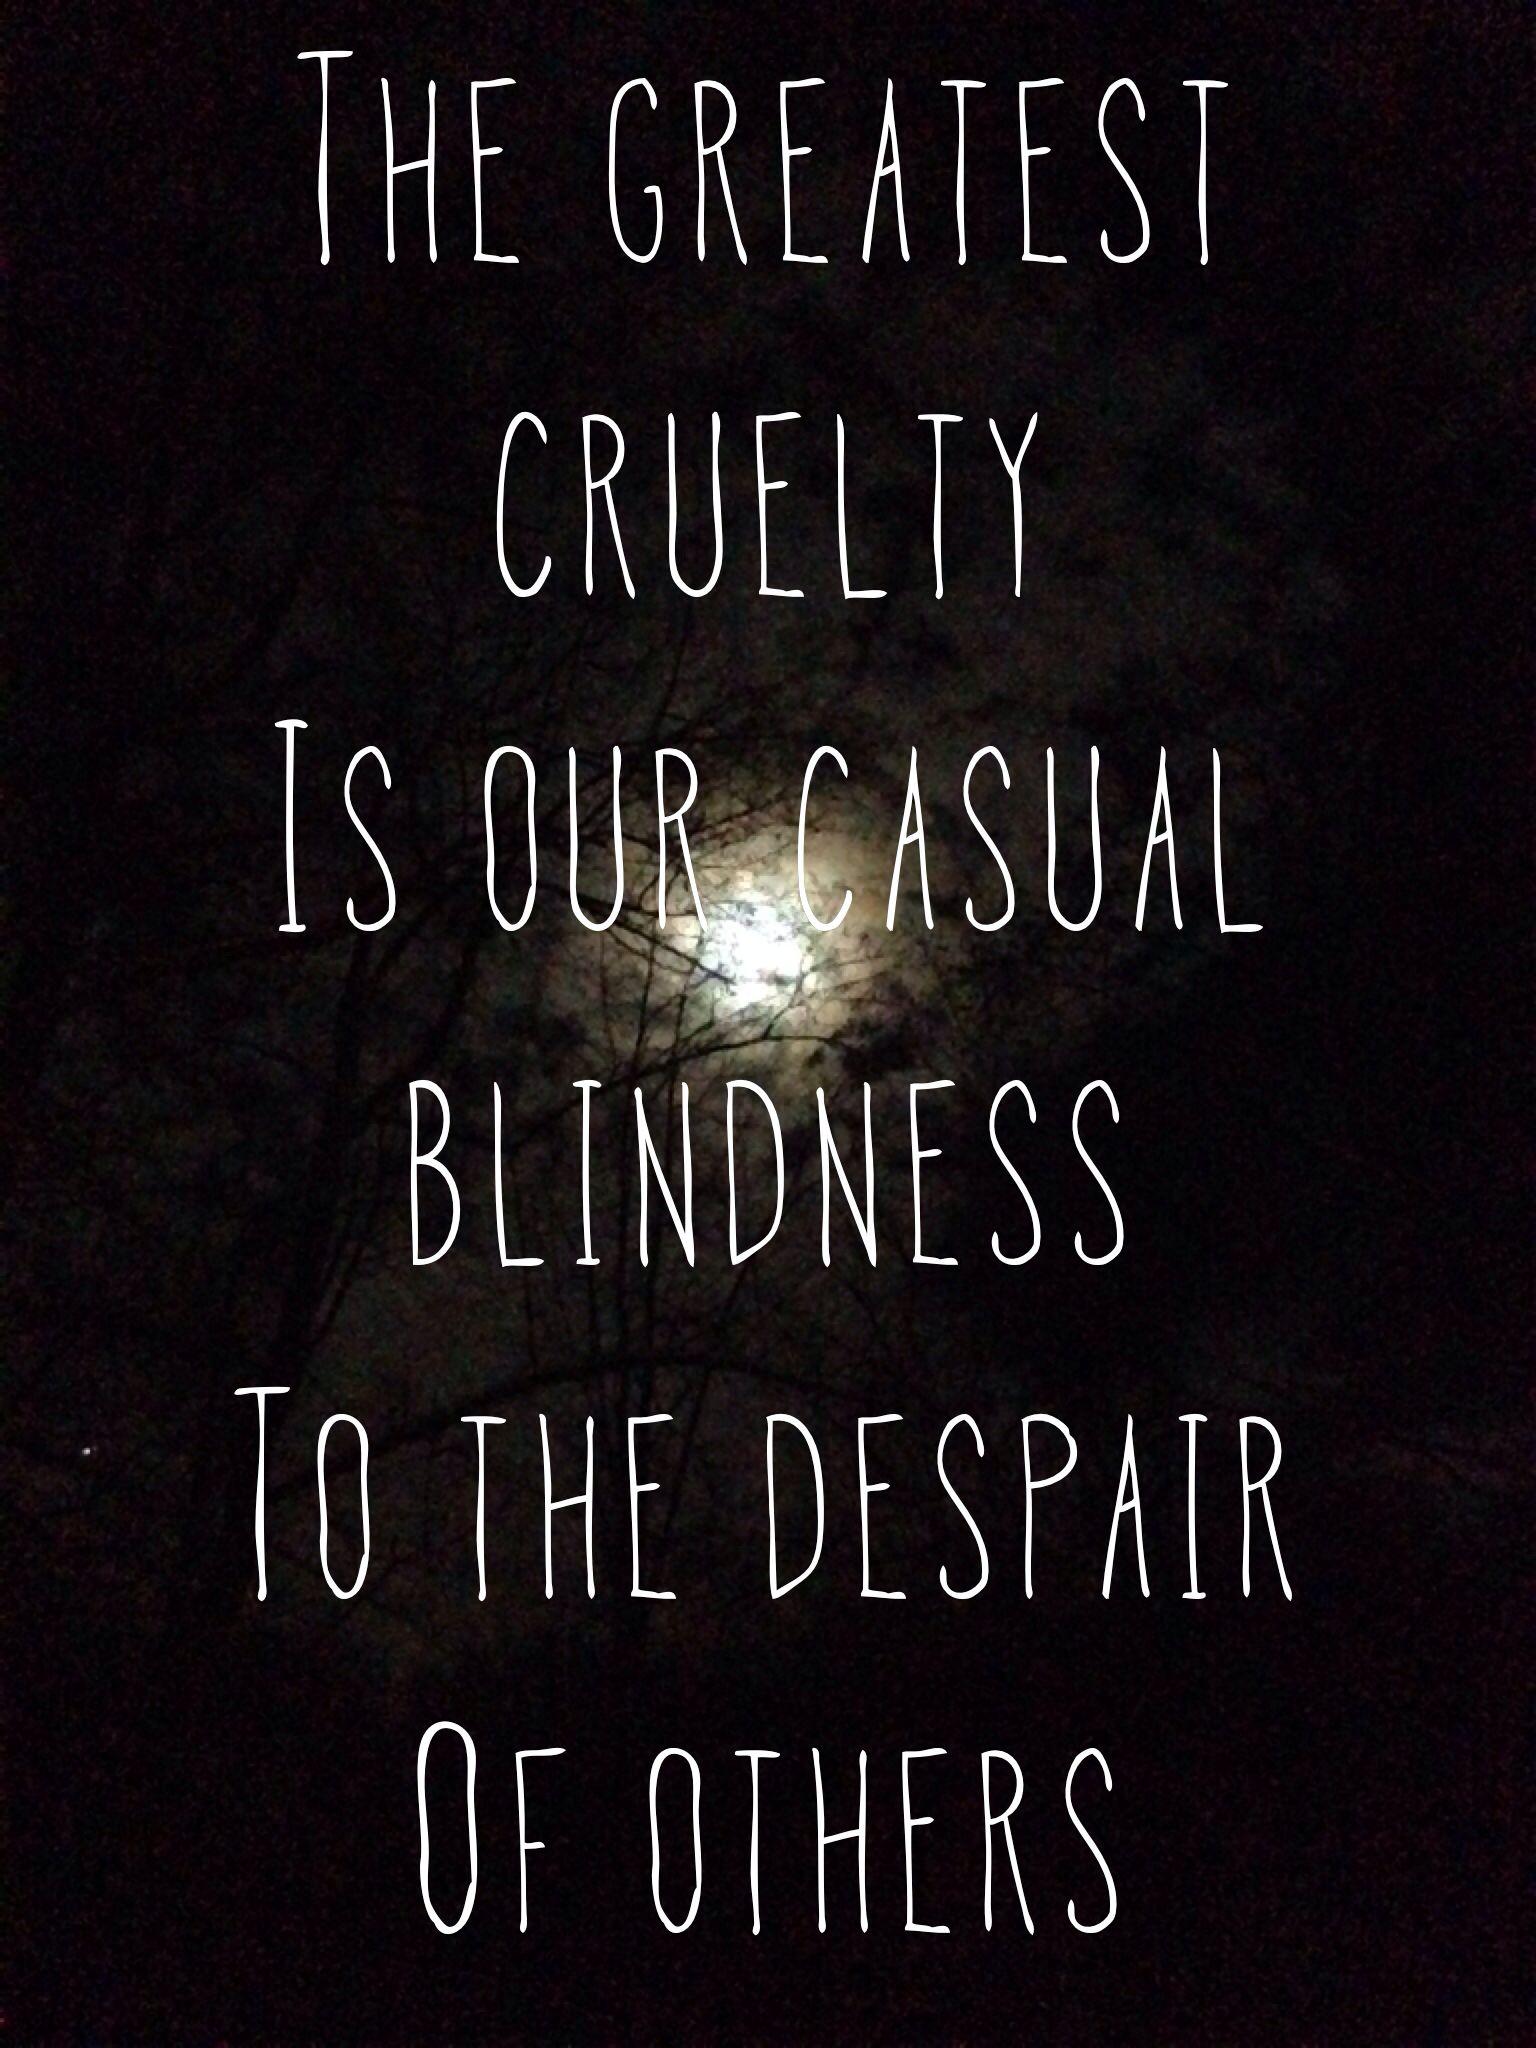 lacking empathy.....